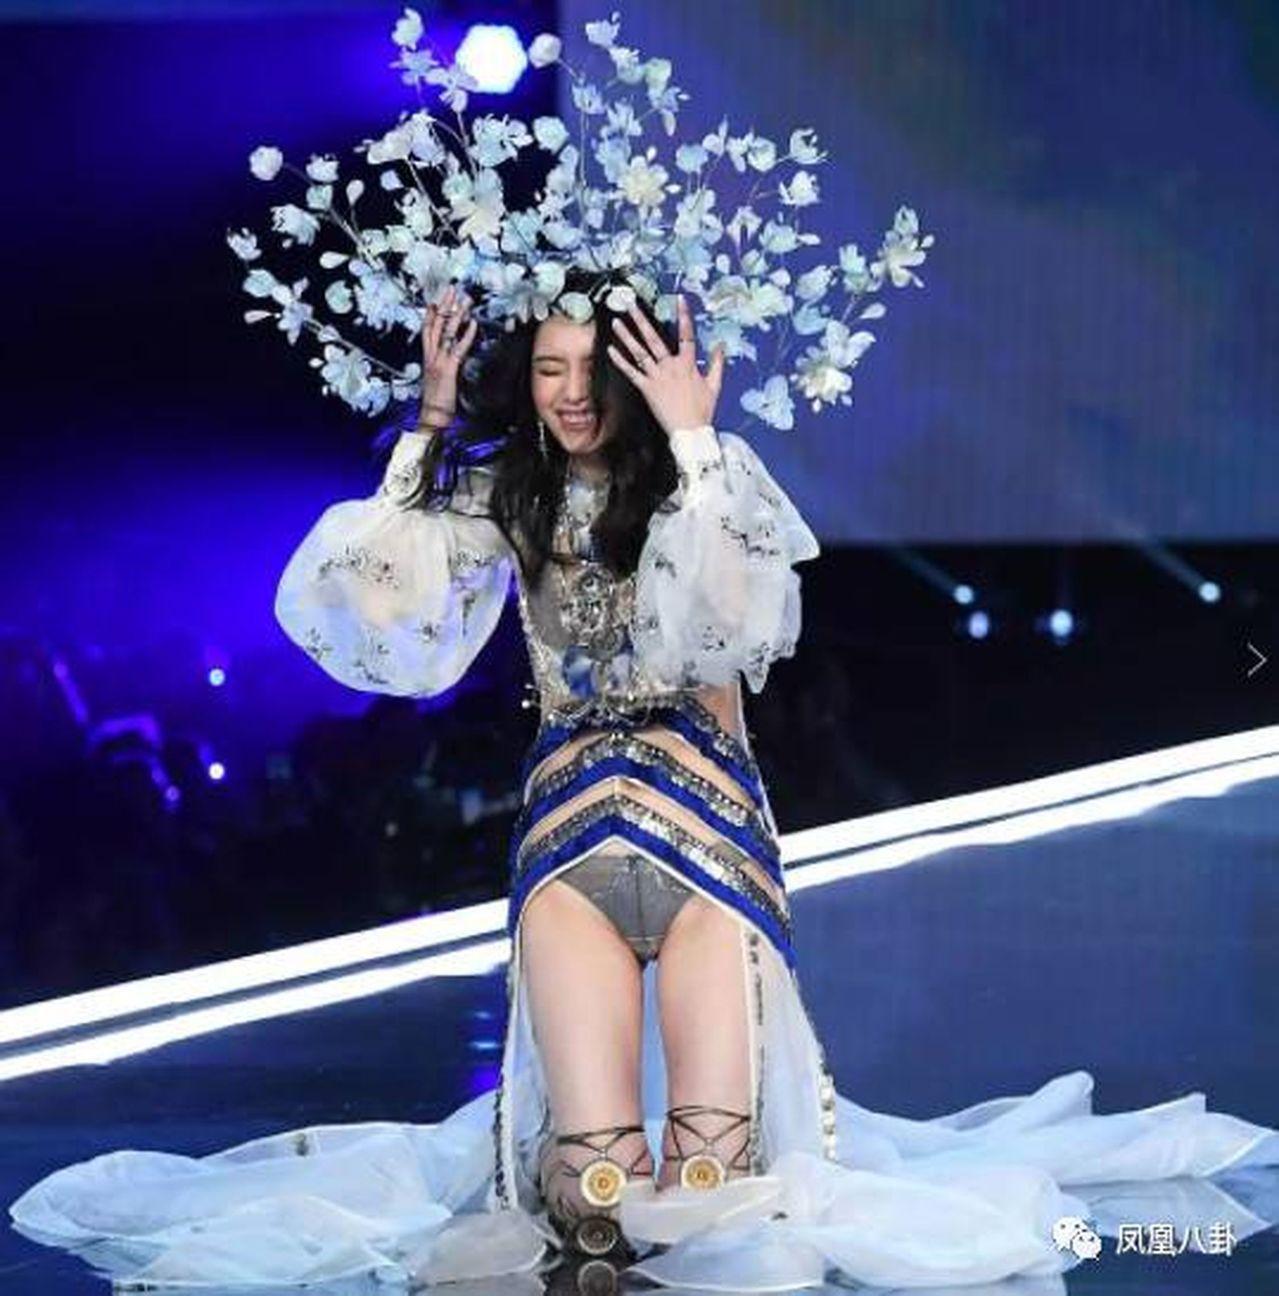 奚夢瑤跌倒後在台上整理頭飾。(取材自鳳凰網)